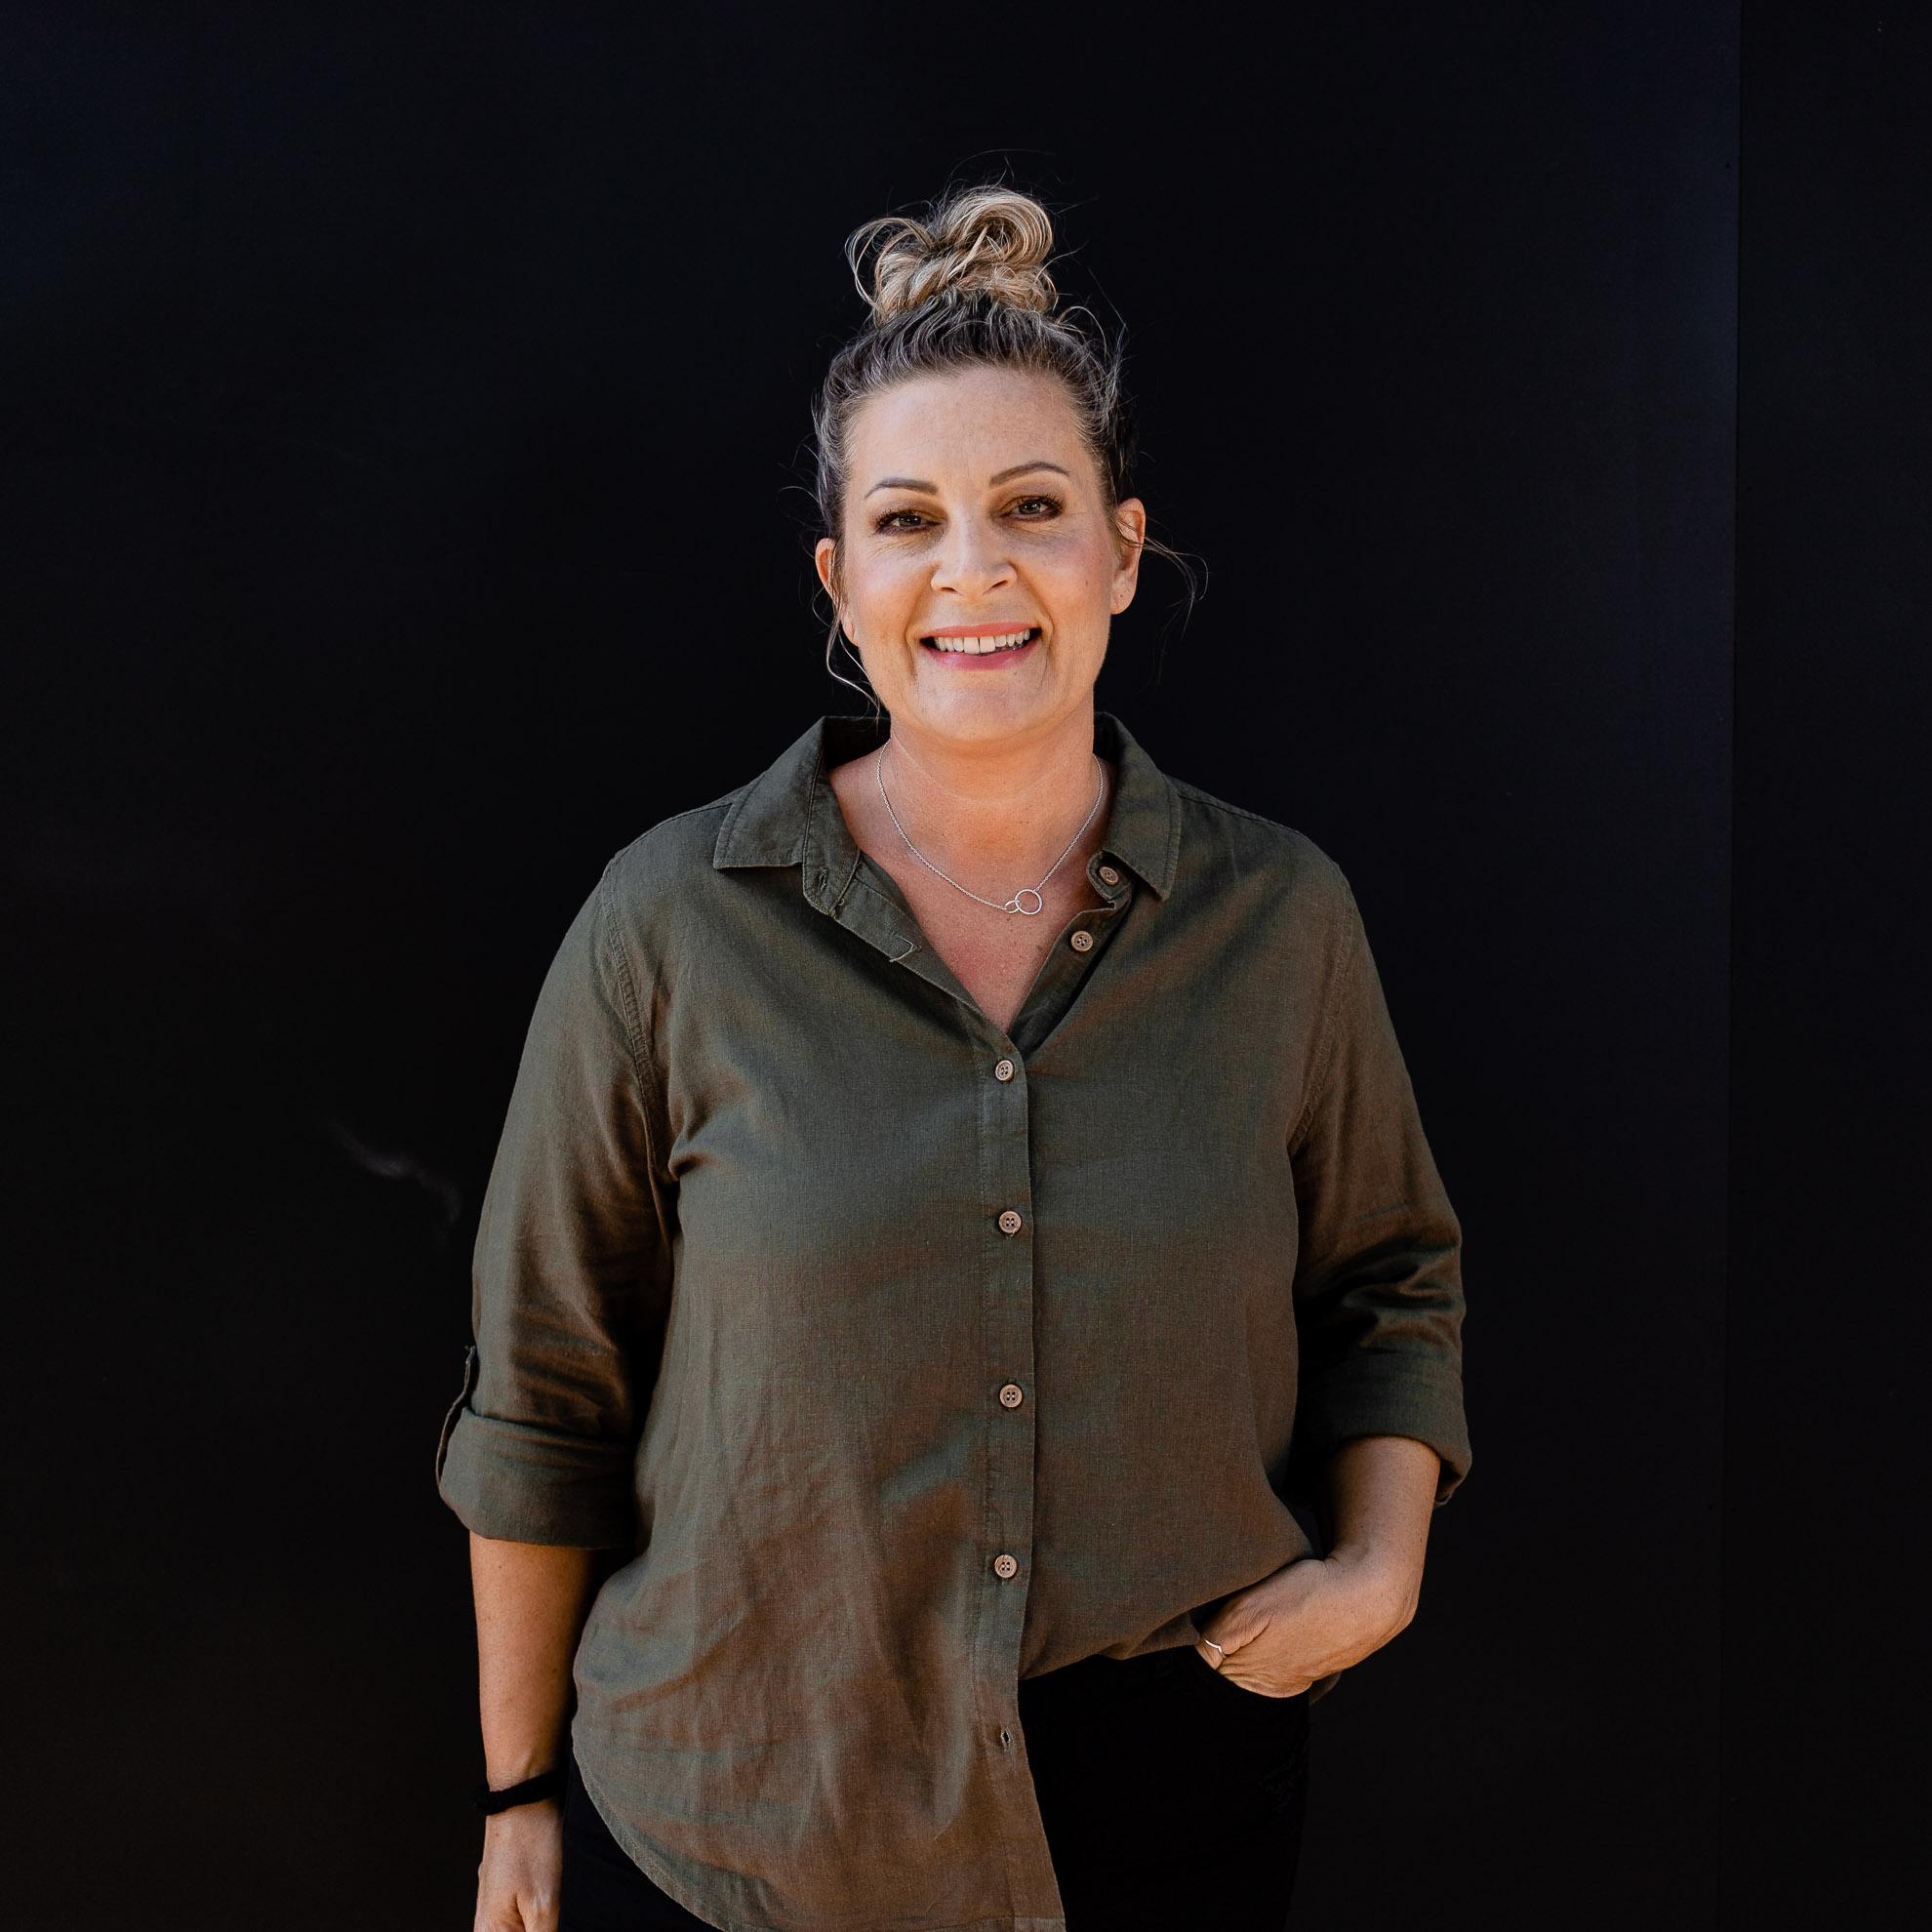 Michelle Groat